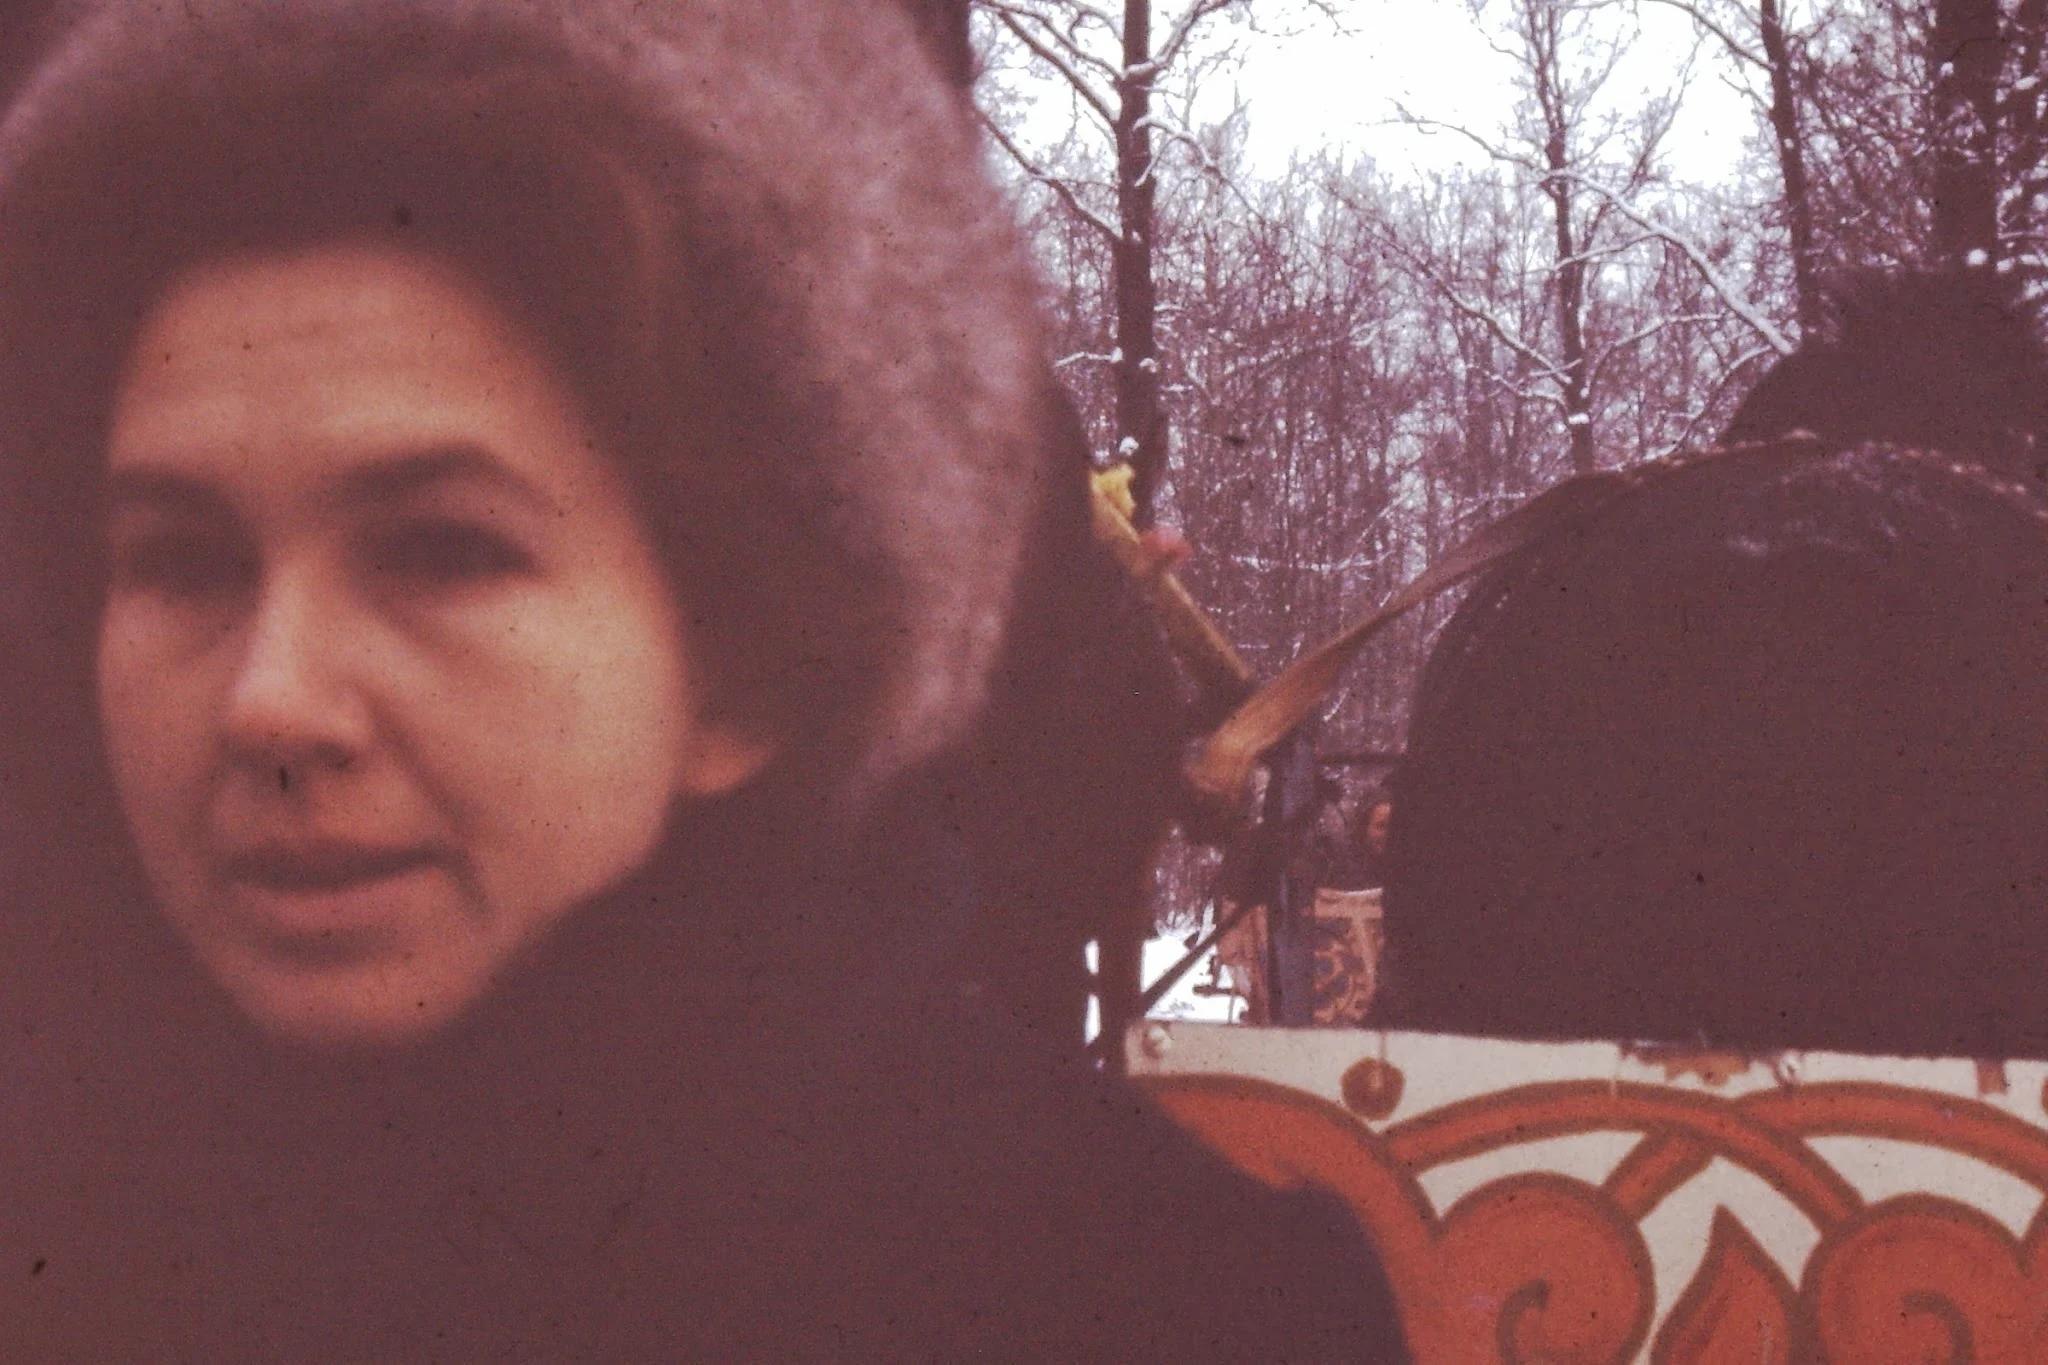 Фрэнсис Шейделл. Американка со своим мужем чем-то занимаются в Амстердамском университете. Оба совершают эту поездку из Нидерландов, потому что людям из Америки не разрешают ездить в Советский Союз